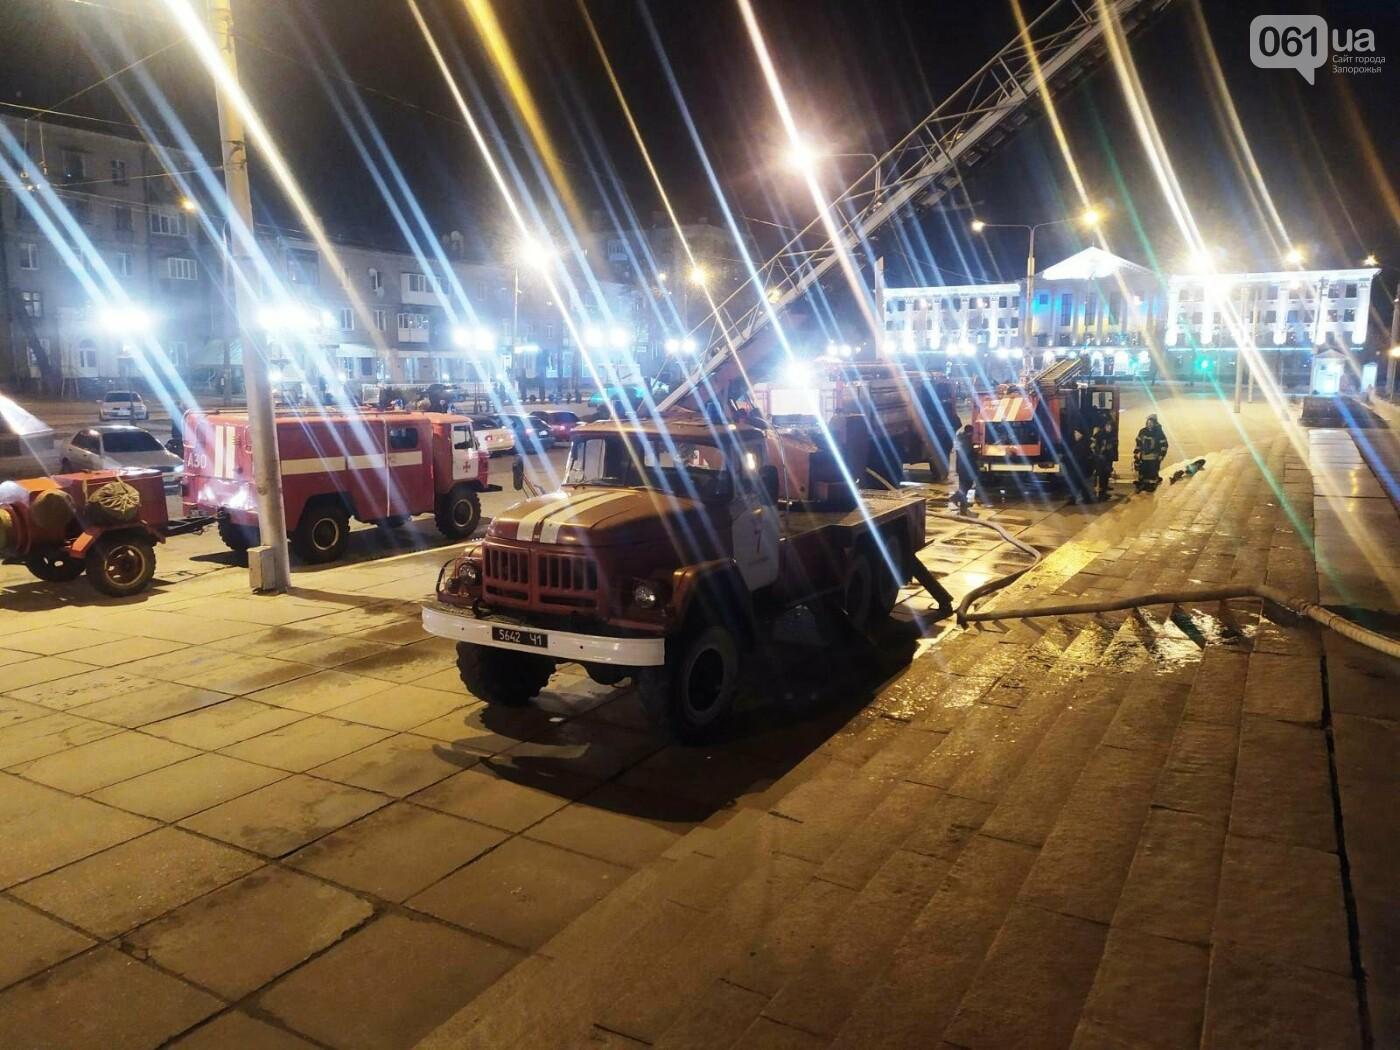 В Запорожье в ДК «Днепроспецсталь» горел выставочный зал: погибли несколько питомцев, - ФОТО, фото-5